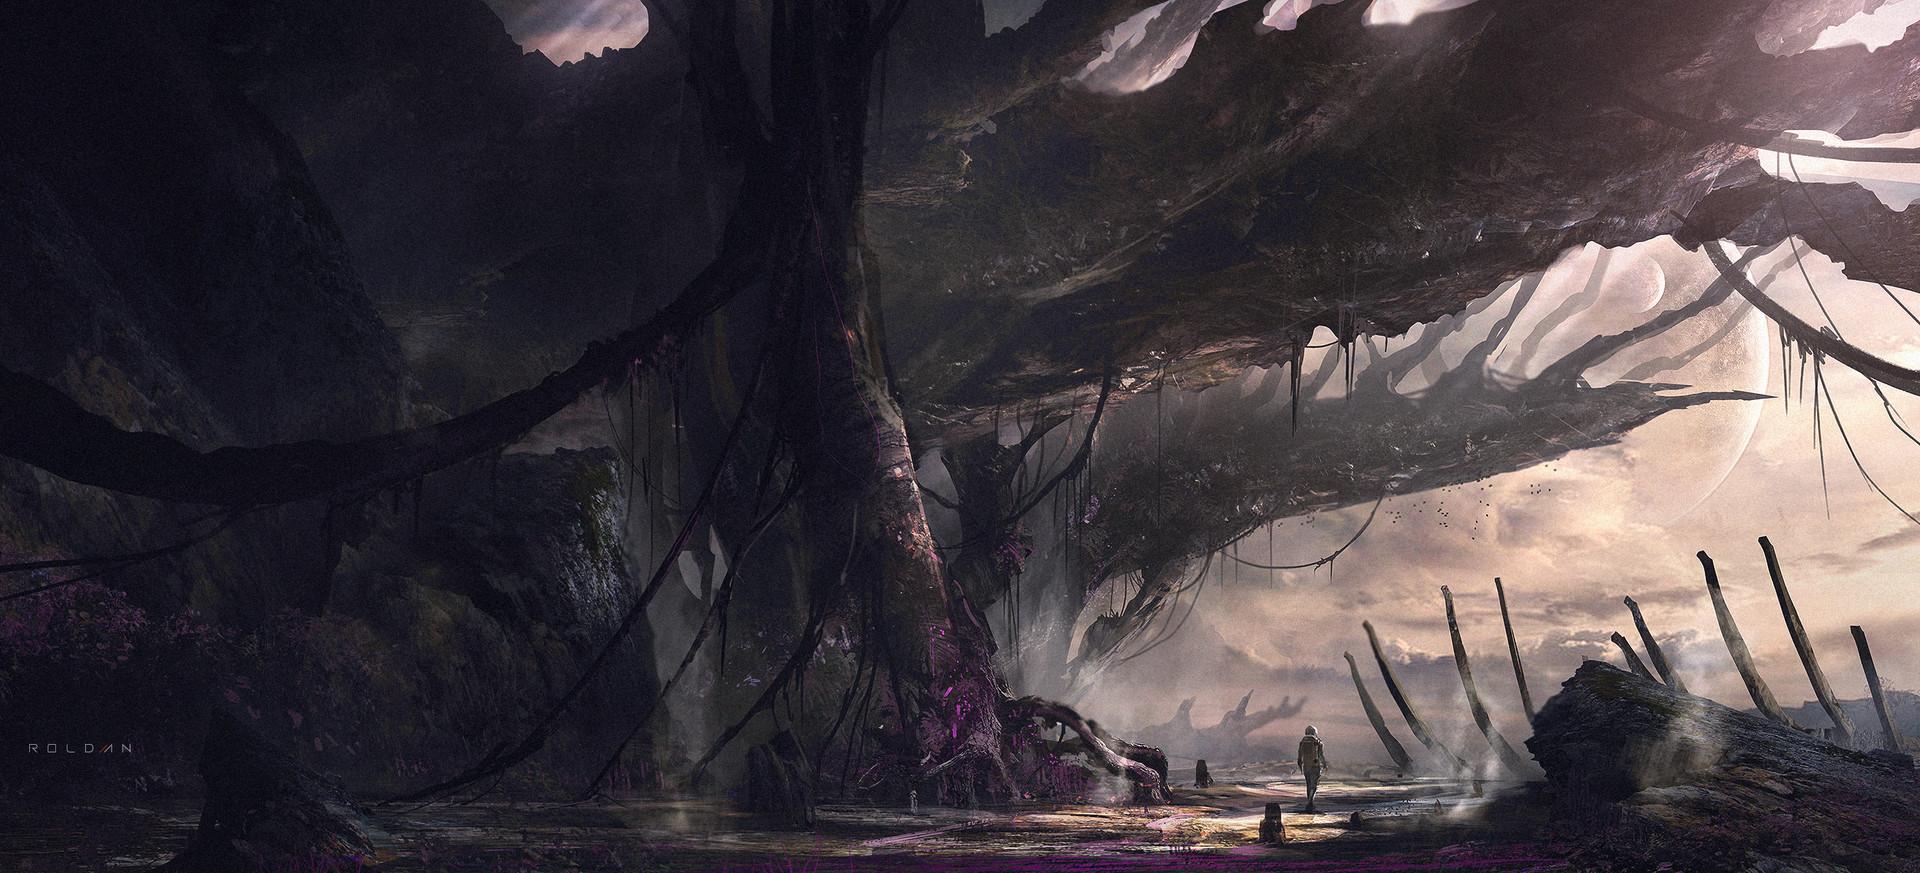 juan-pablo-roldan-alien-world-4.jpg